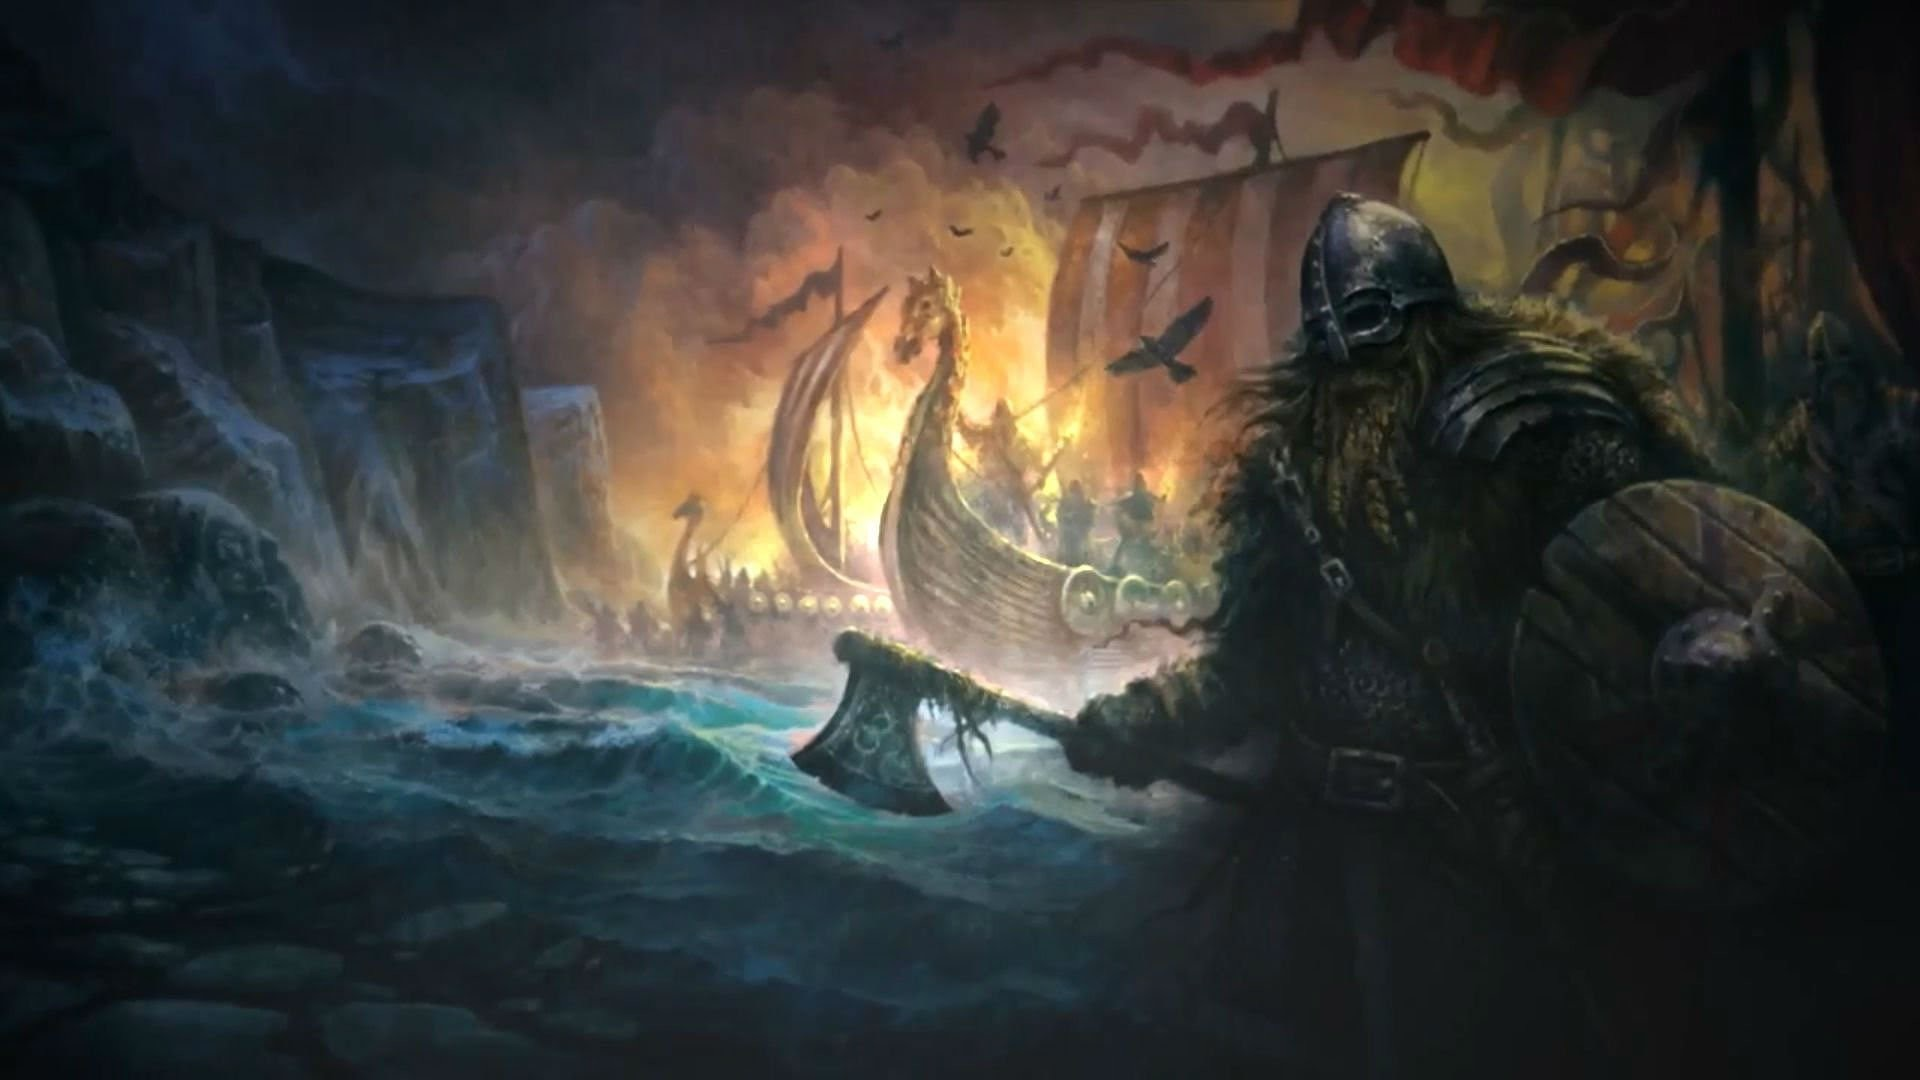 Ä°pin Ucu: Crusader Kings II